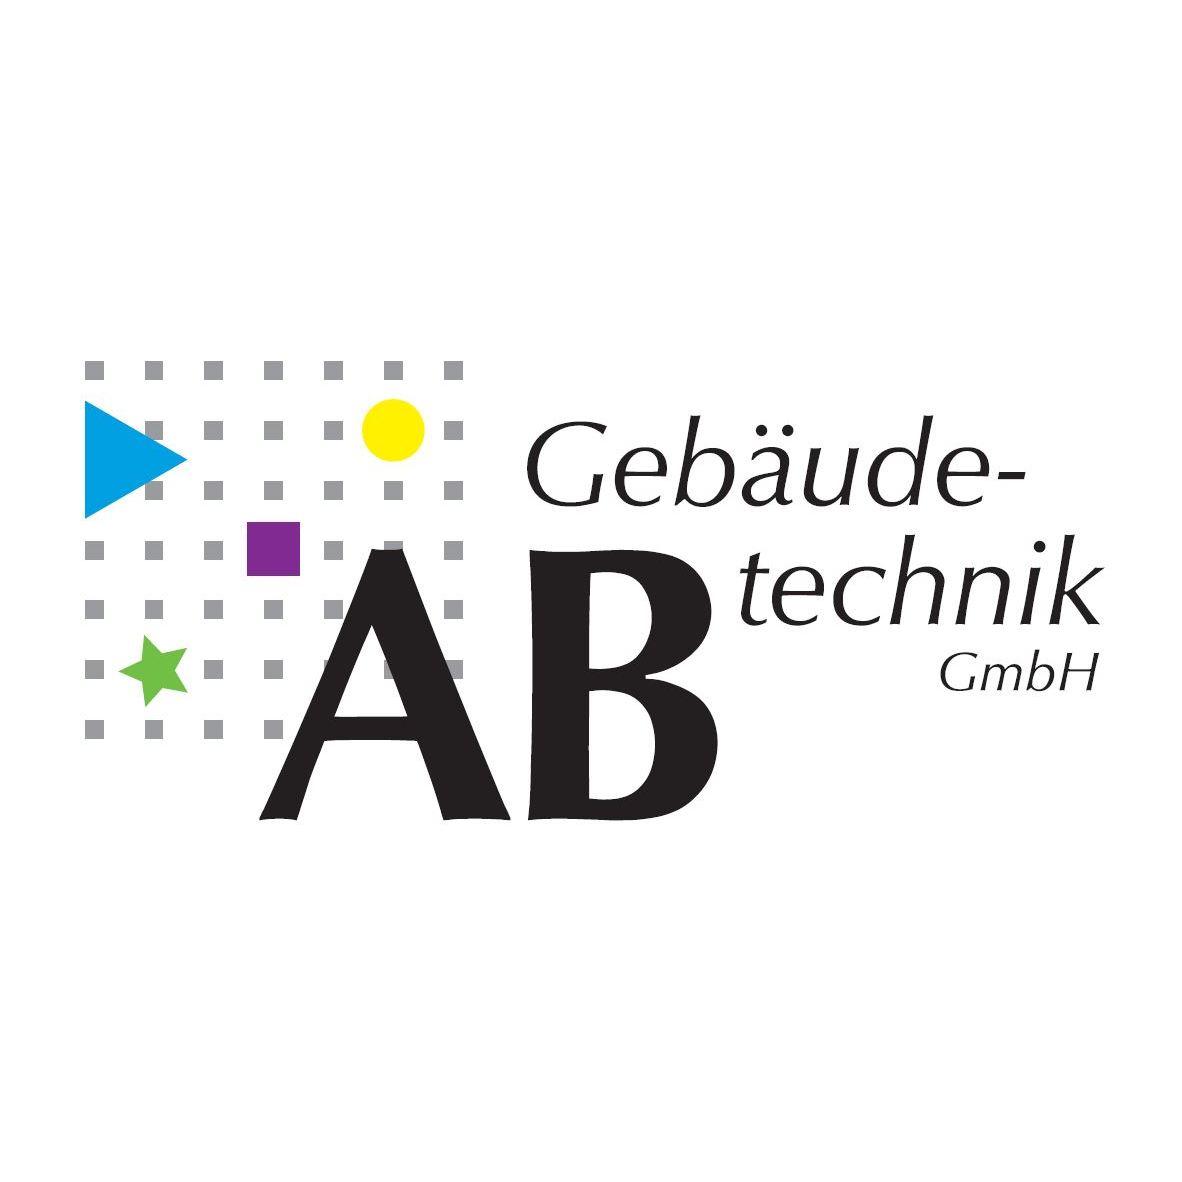 AB Gebäudetechnik GmbH